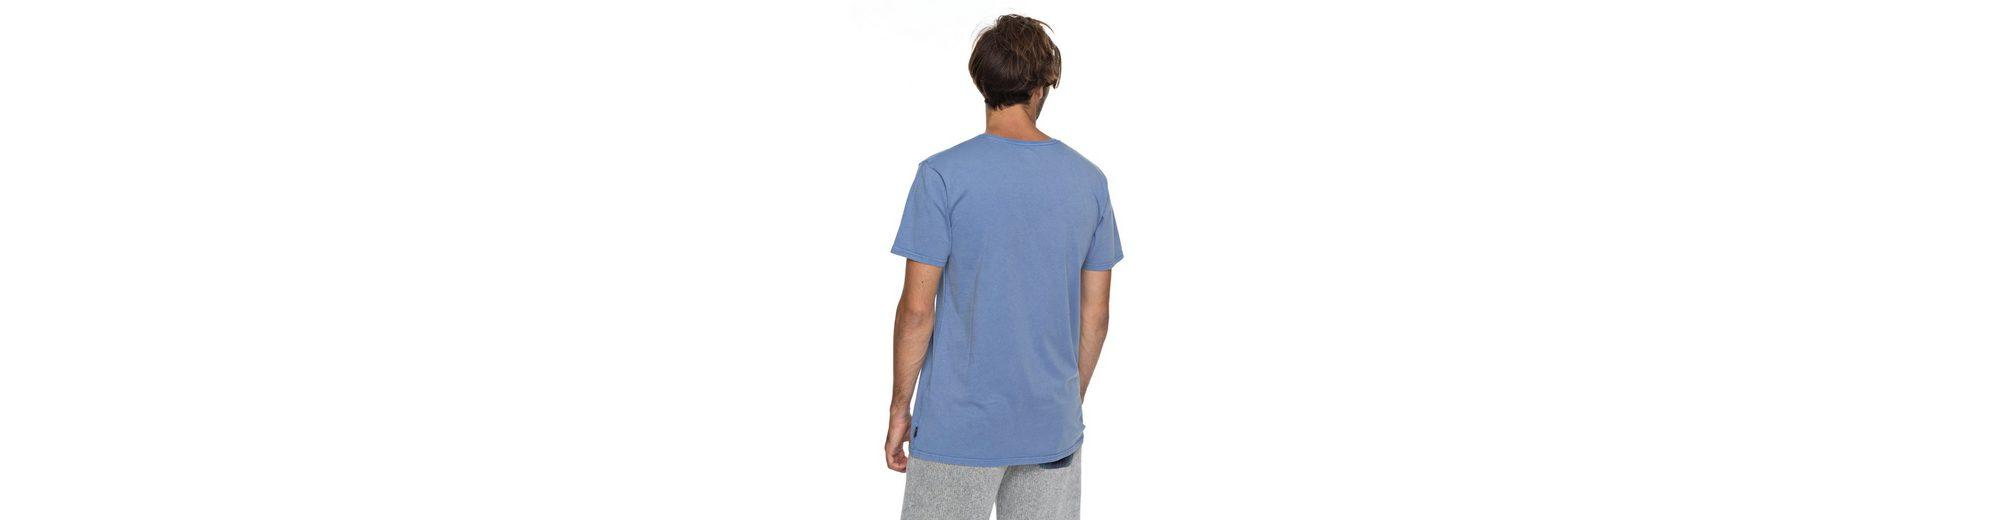 Quiksilver T-Shirt Acid Sun Billig Offiziellen Günstig Kaufen Finden Große Heißen Verkauf Günstig Online c1BOg3bDe